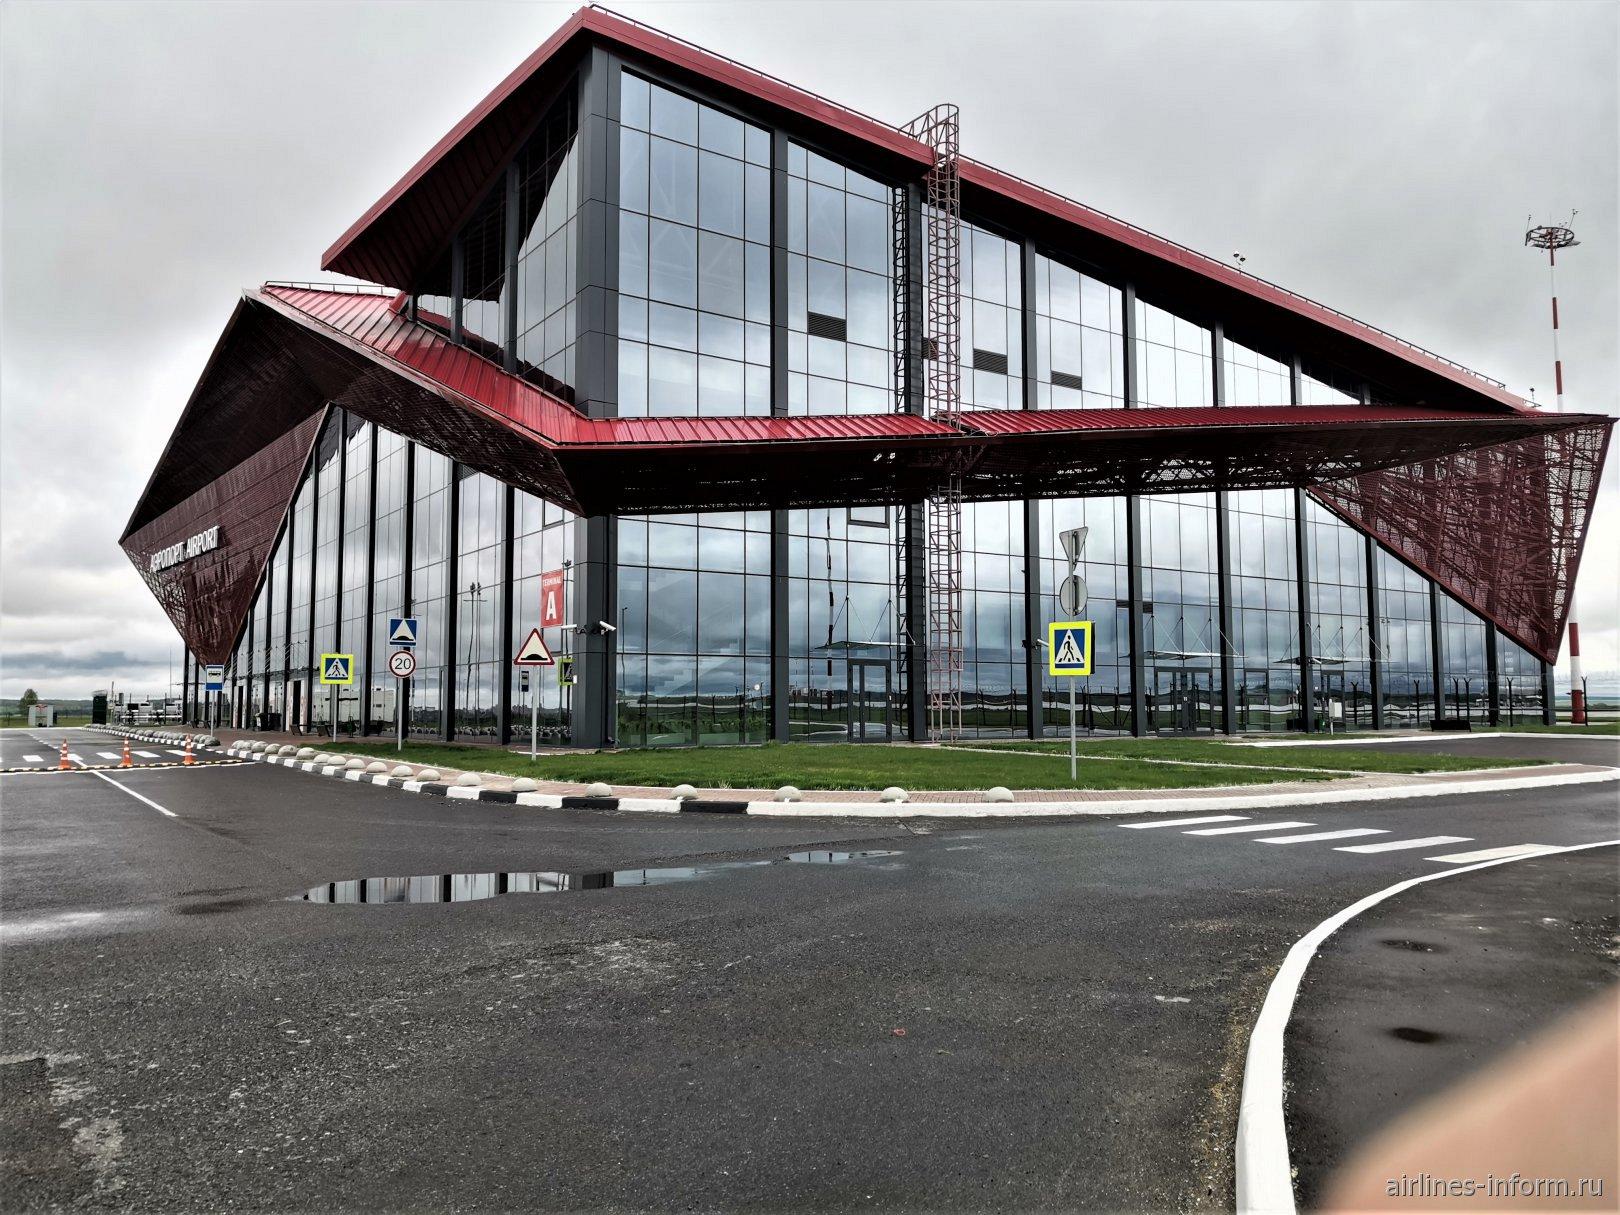 Пассажирский терминал А внутренних линий аэропорта Саранск